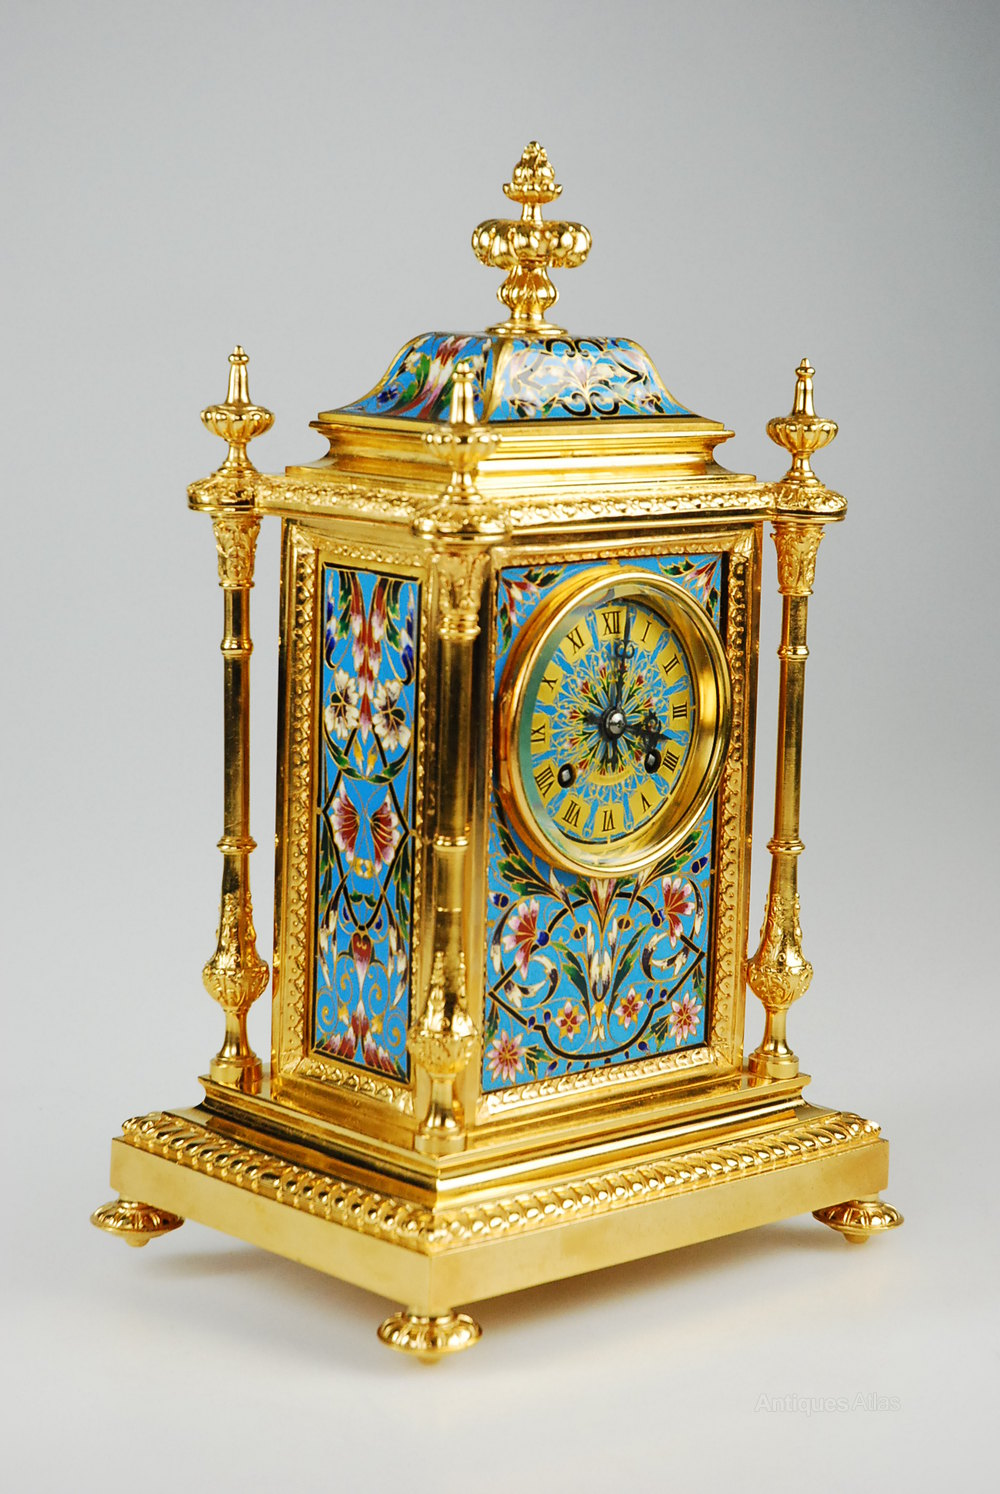 Antiques Atlas - Antique Champleve Enamel Mantel Clock